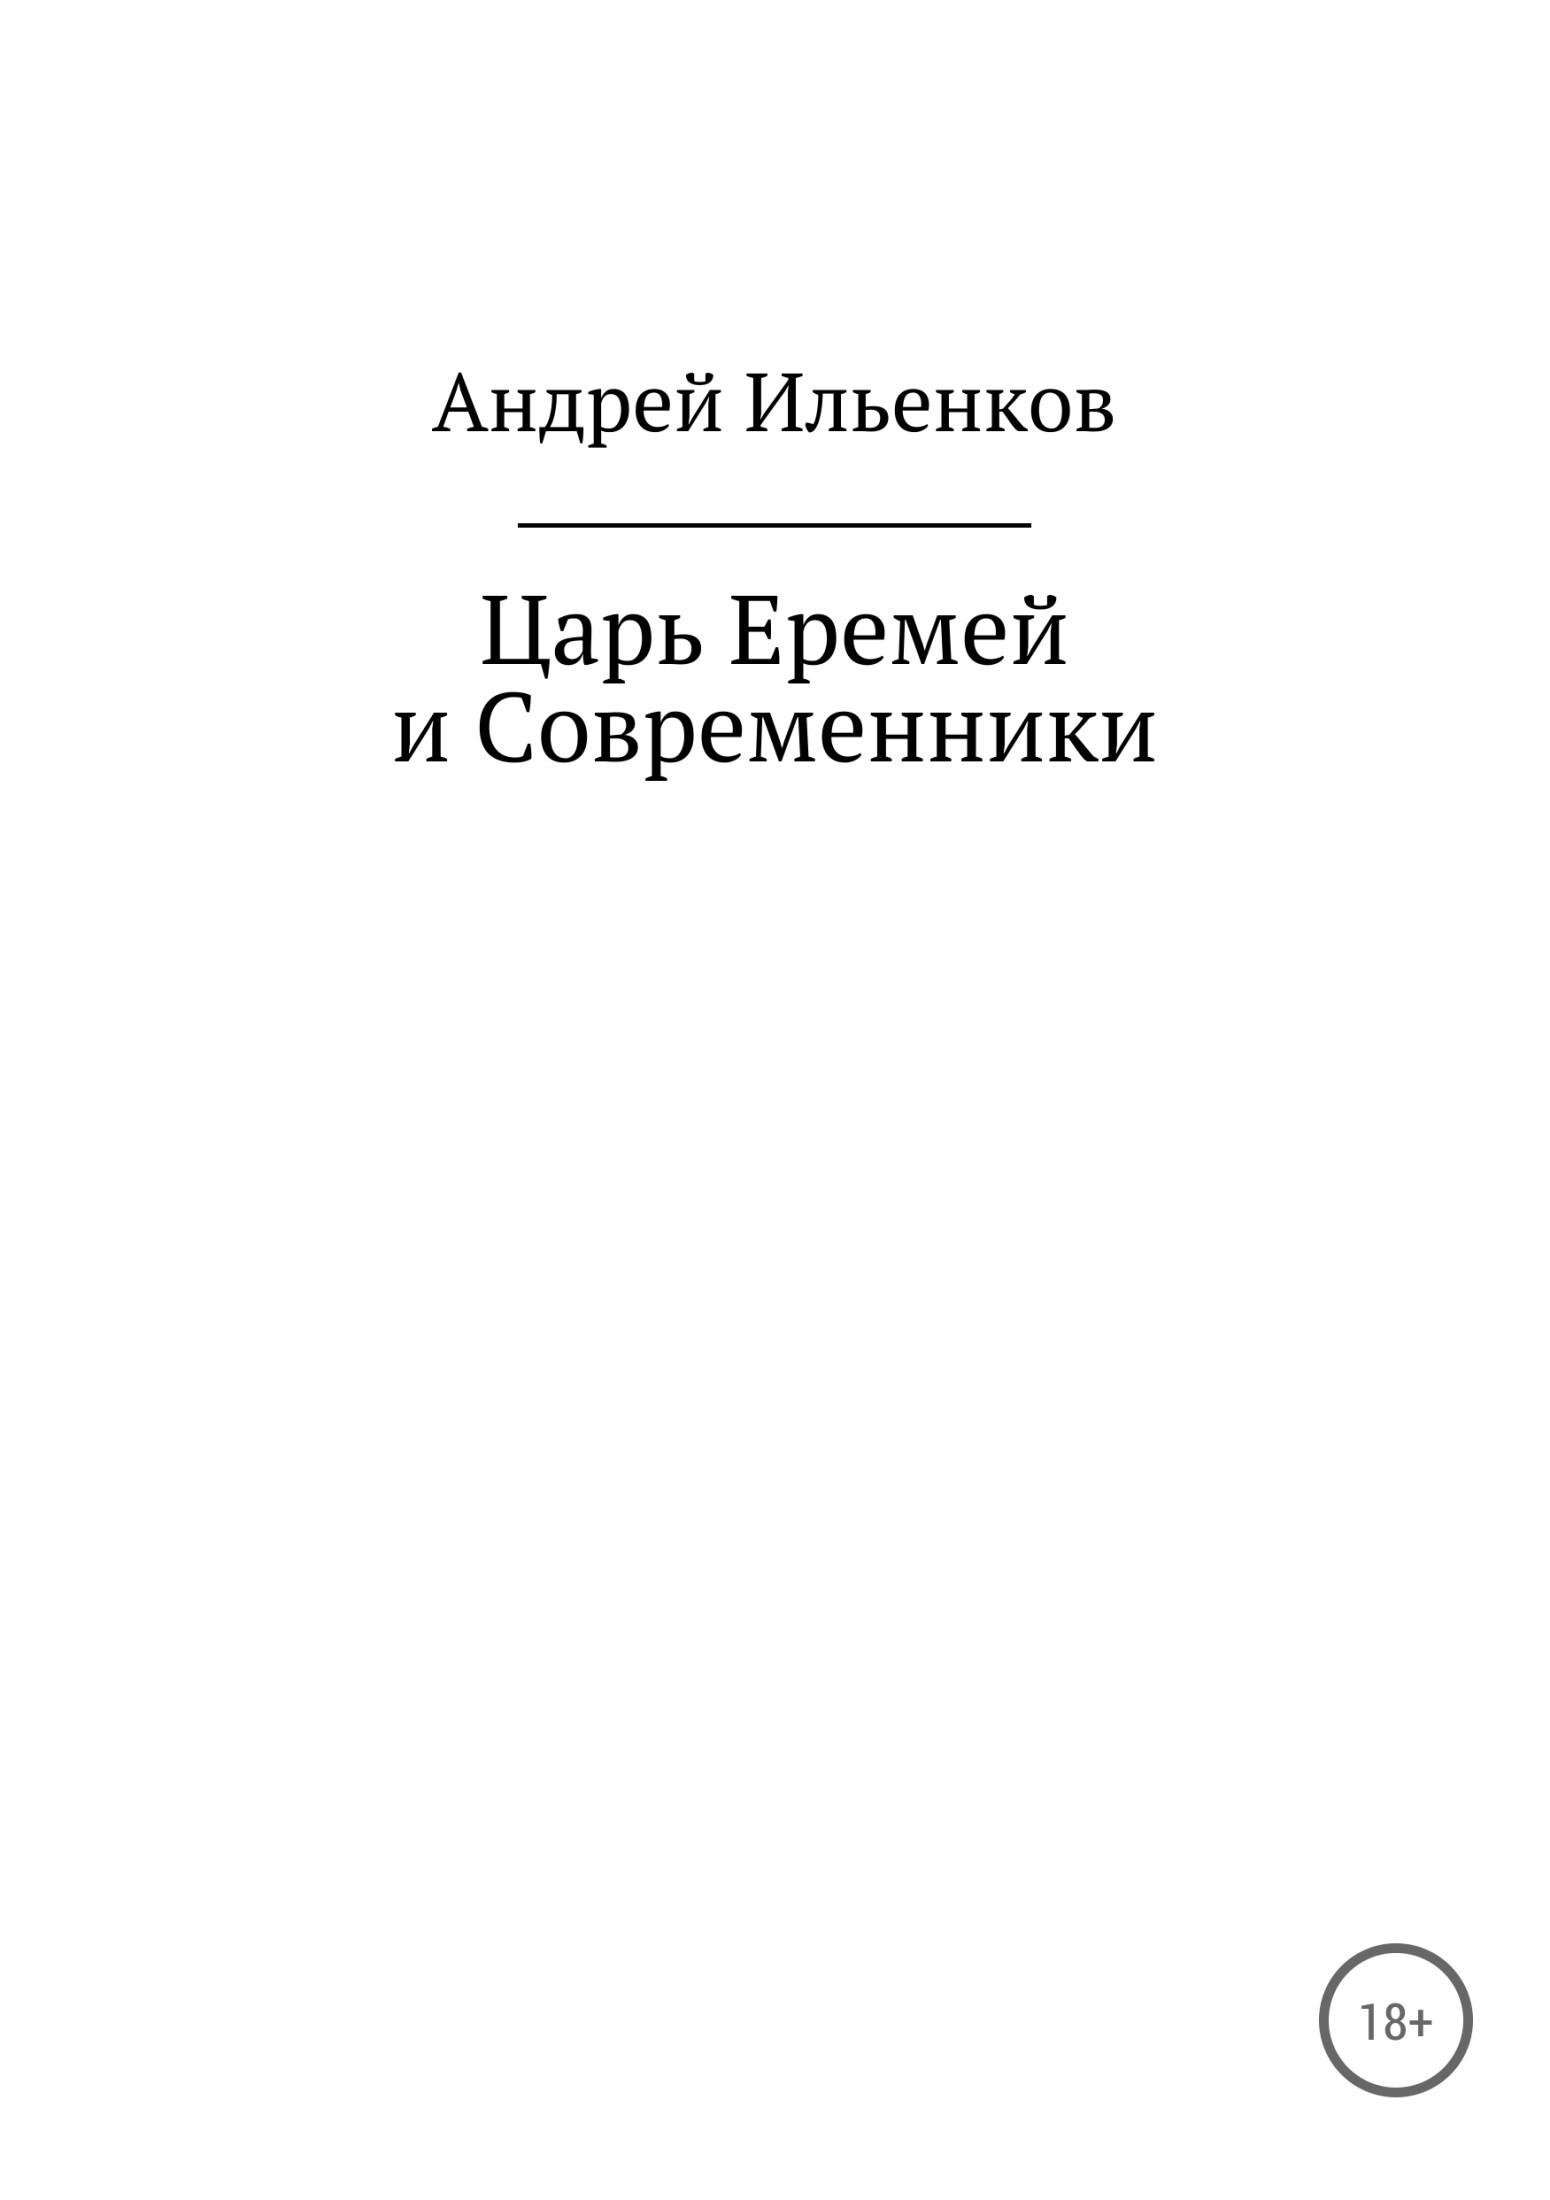 Андрей Ильенков - Царь Еремей и современники